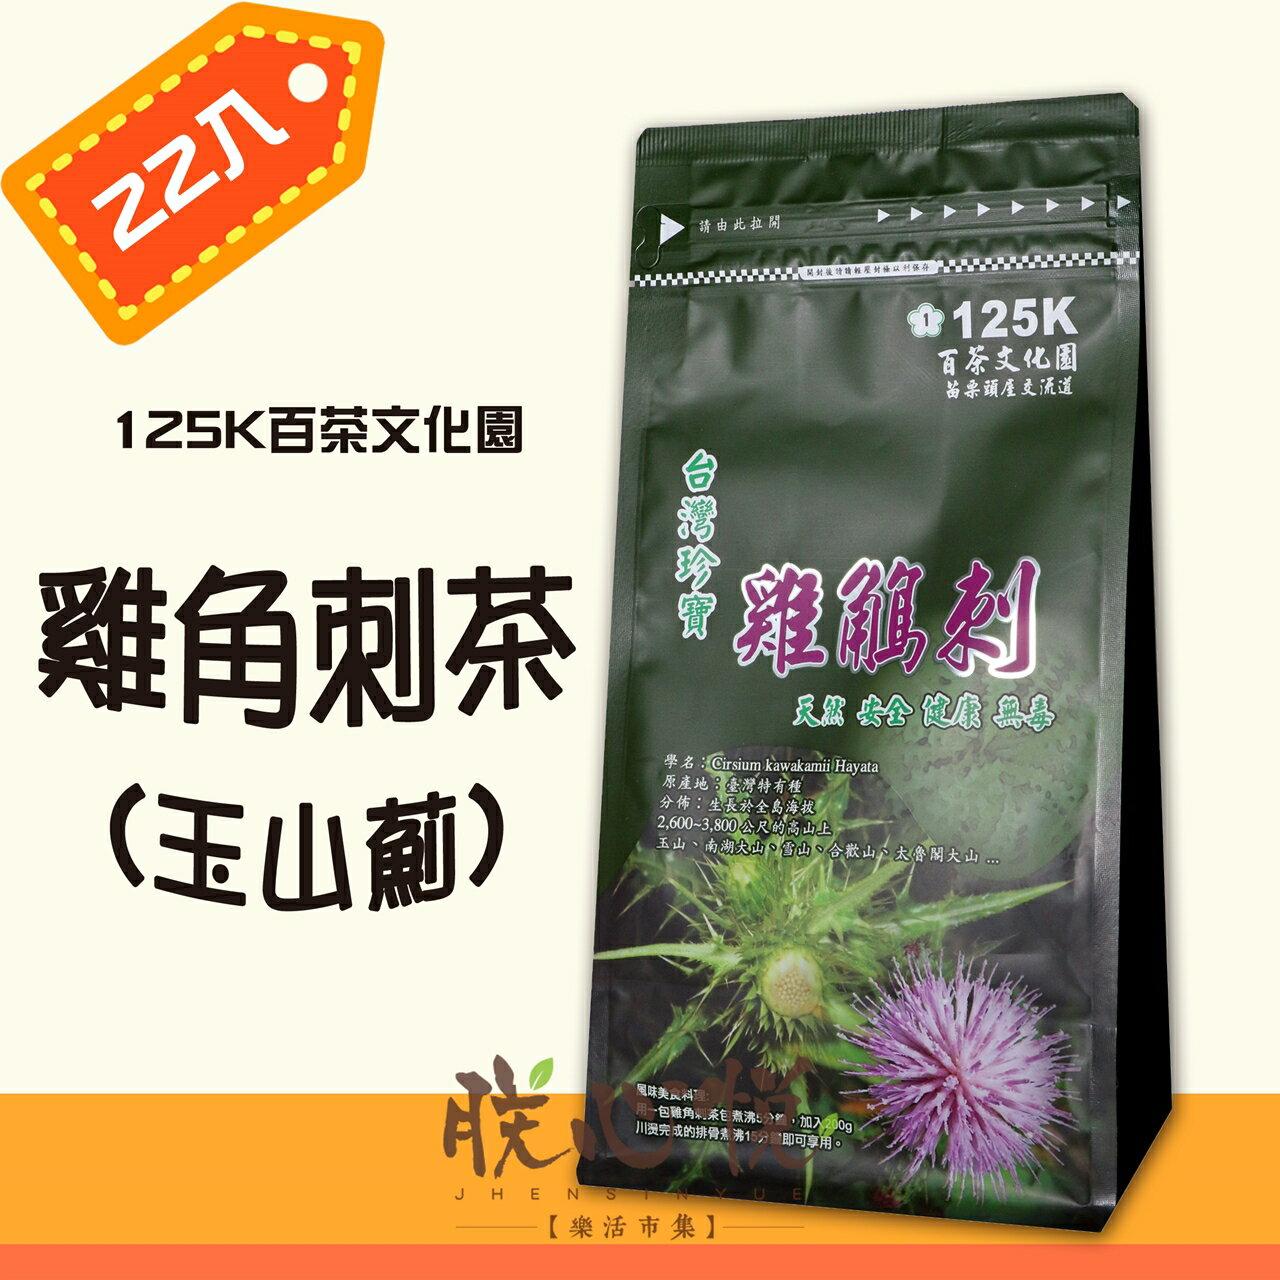 【百茶文化園】雞鵤刺茶(玉山薊雞角刺)22包/袋